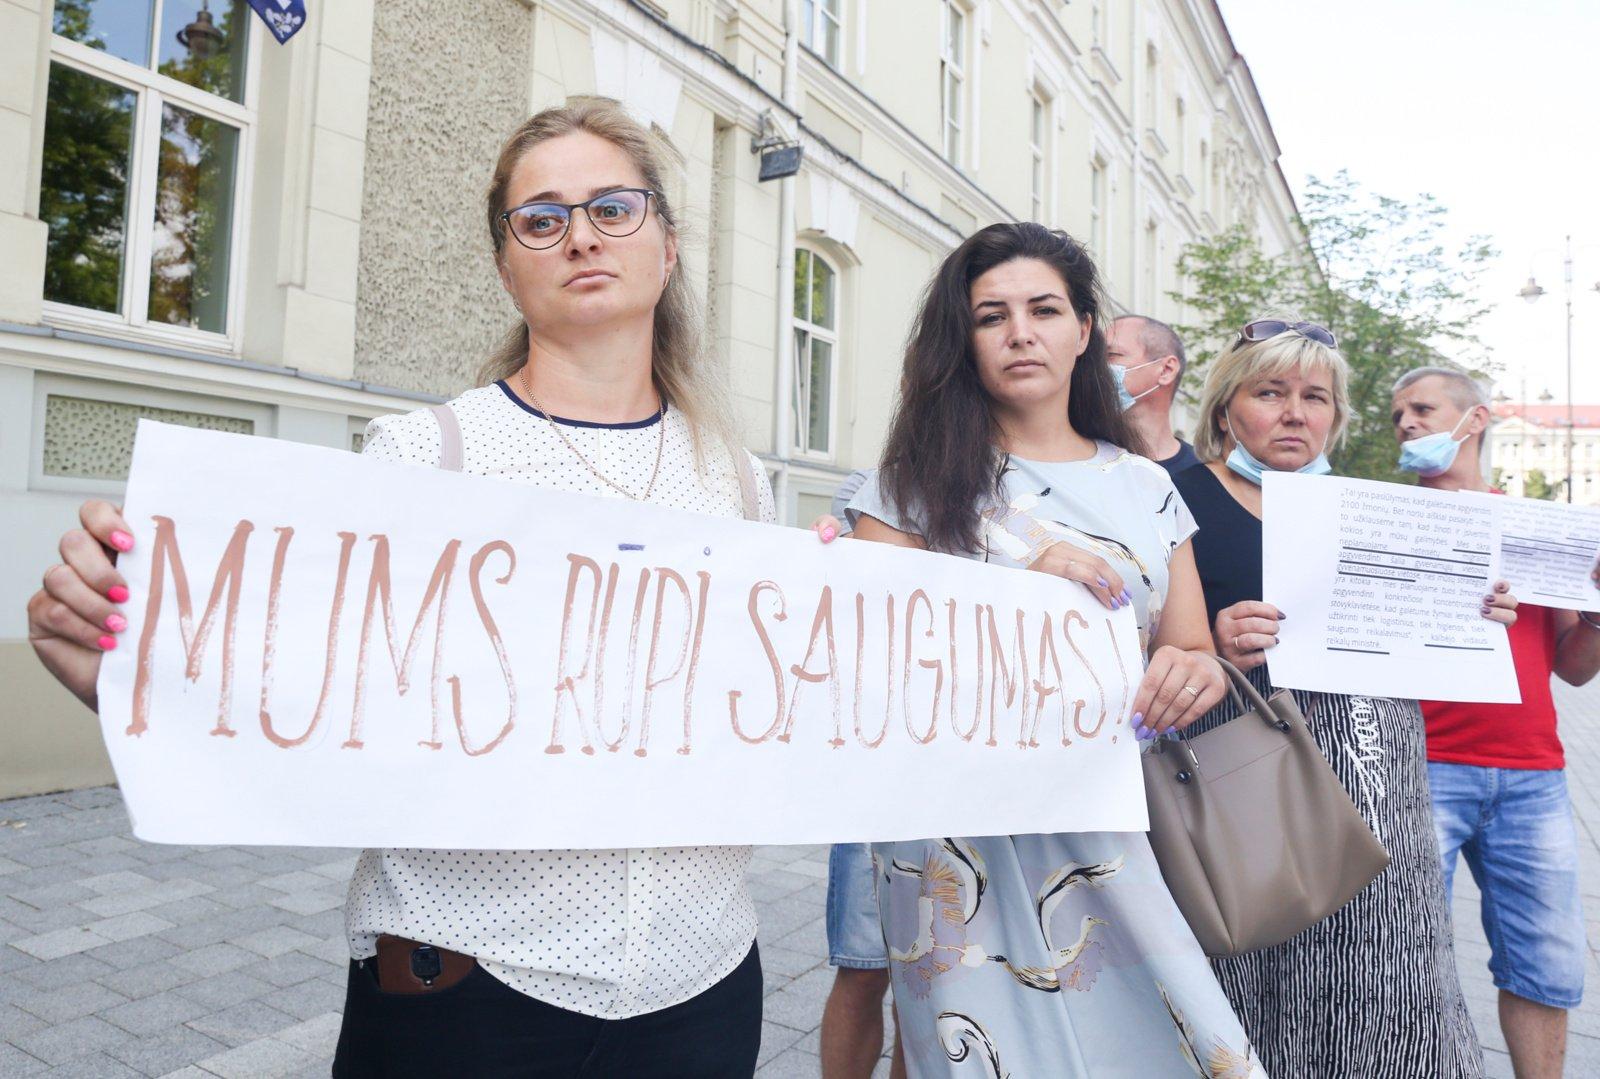 LSDP siūlymai dėl migrantų krizės: atsisakyti karo retorikos, siekti ES pagalbos